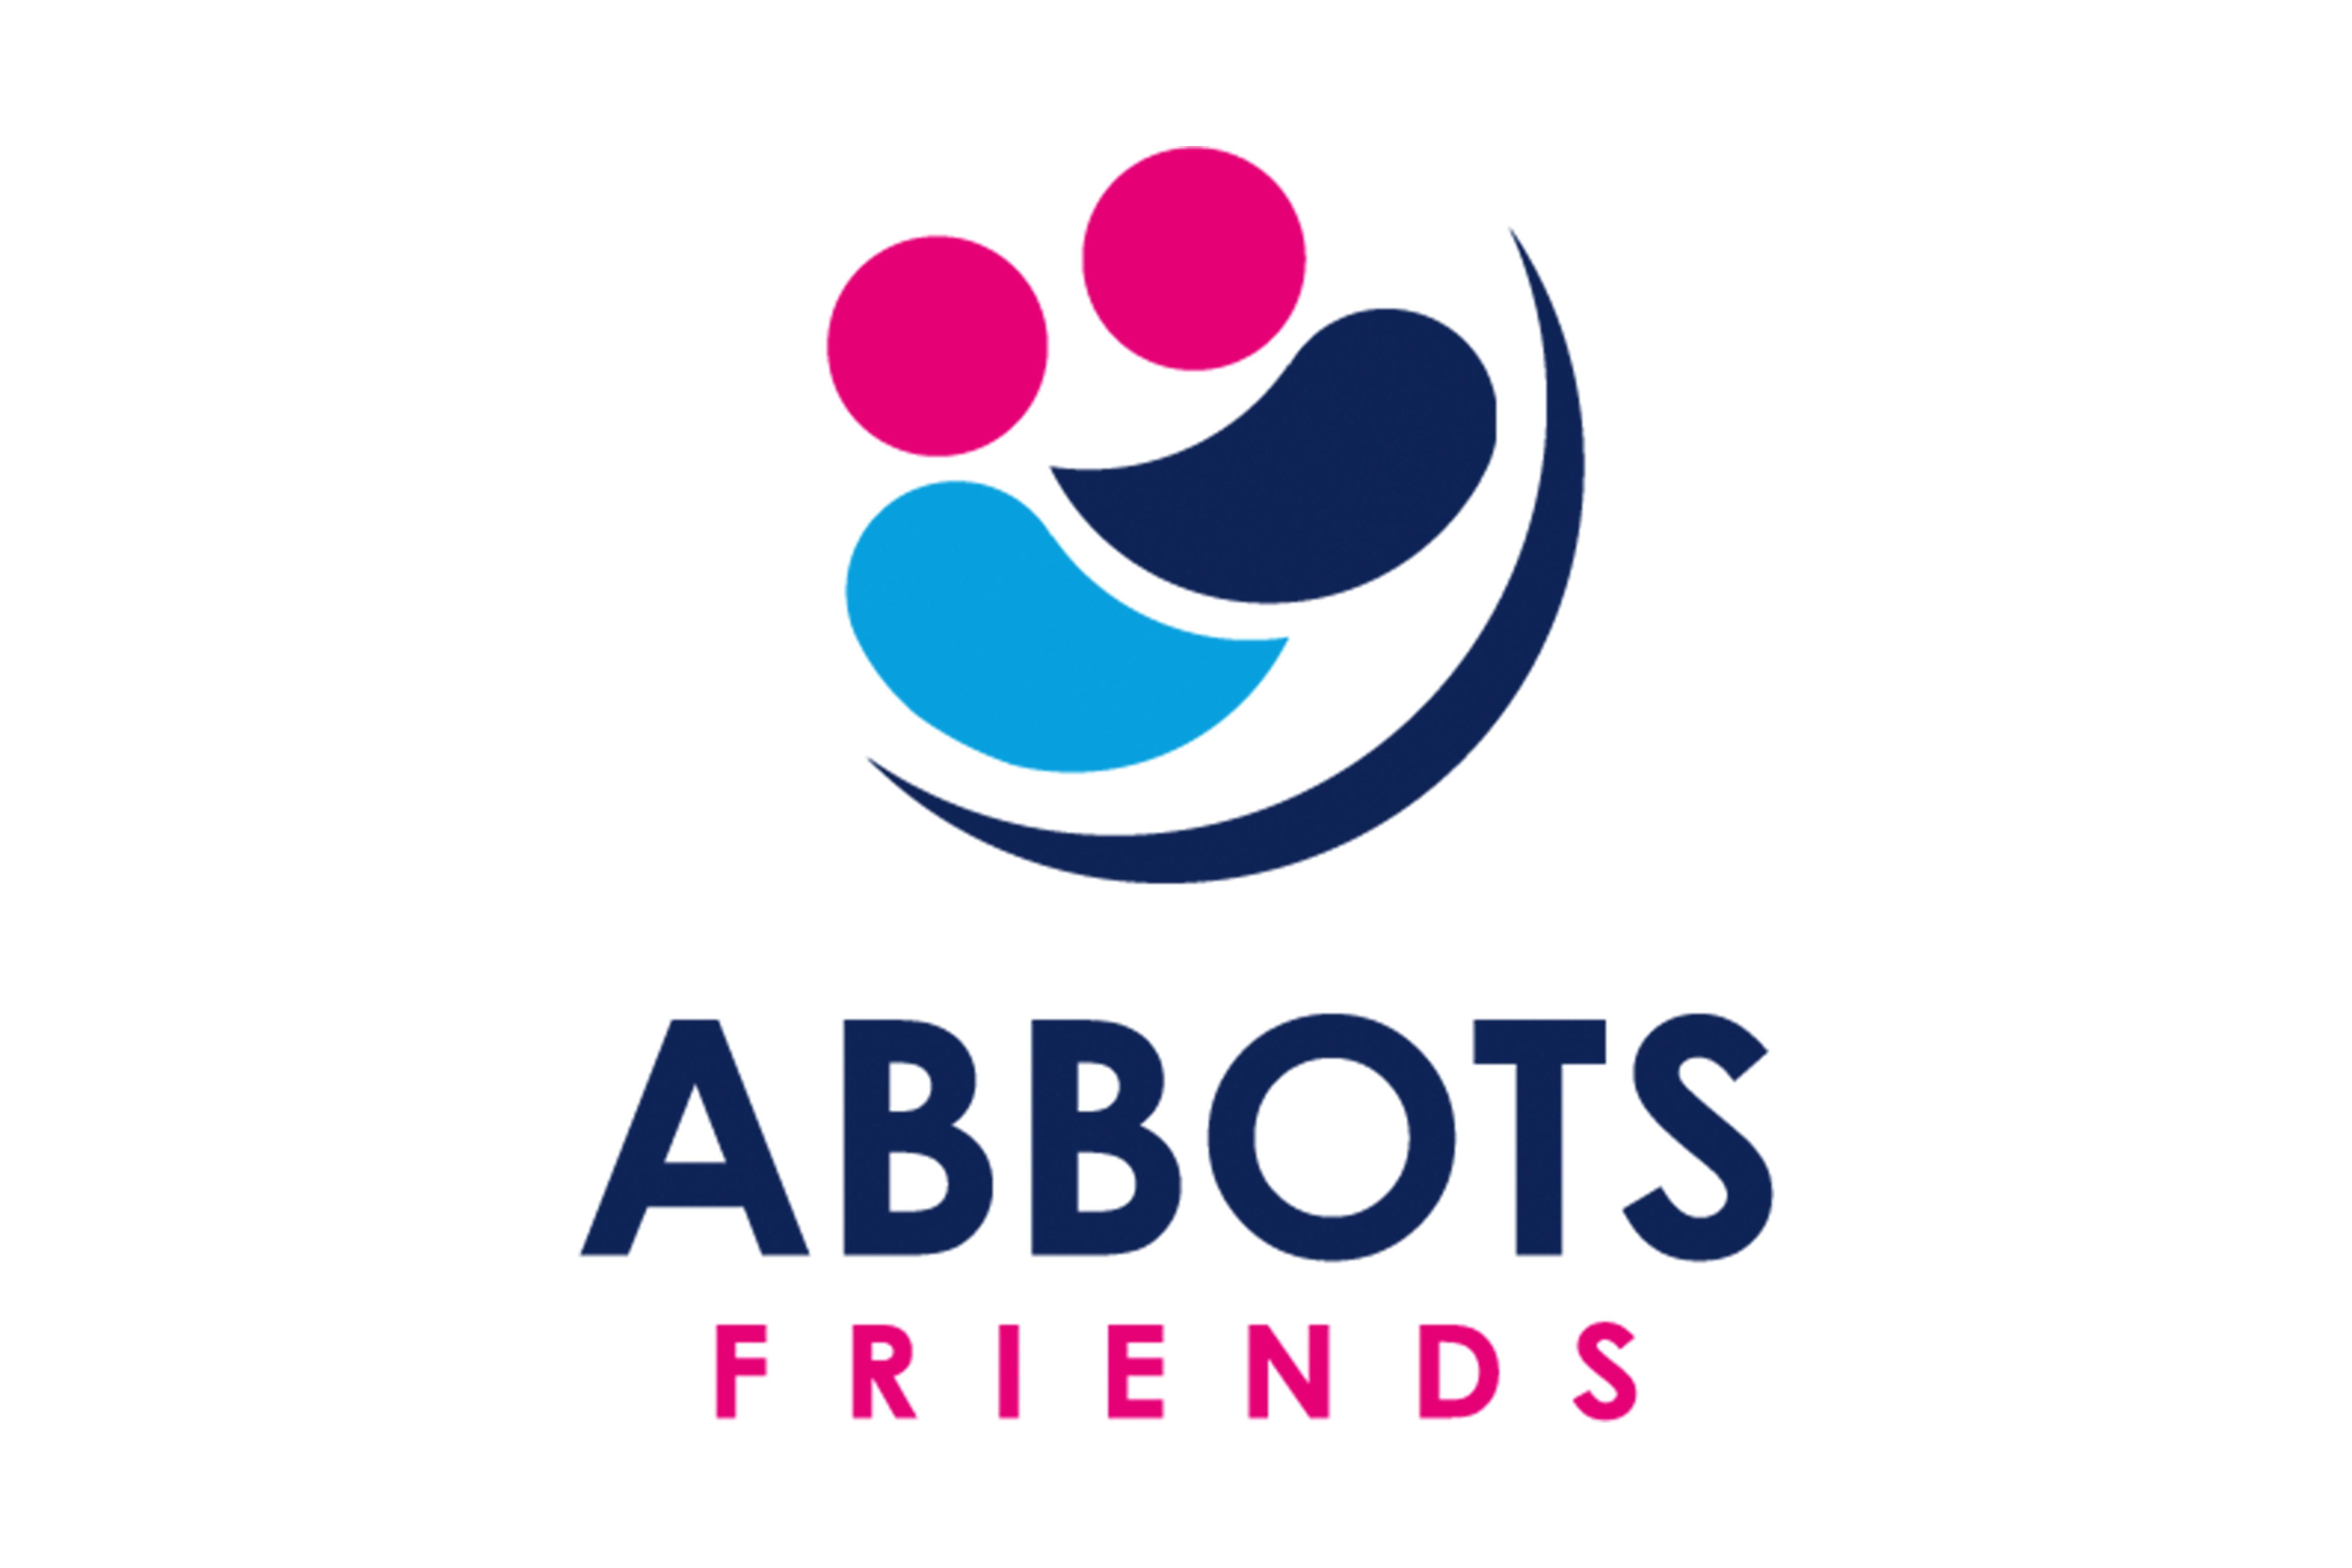 Free Companion Care Service – Abbots Friends